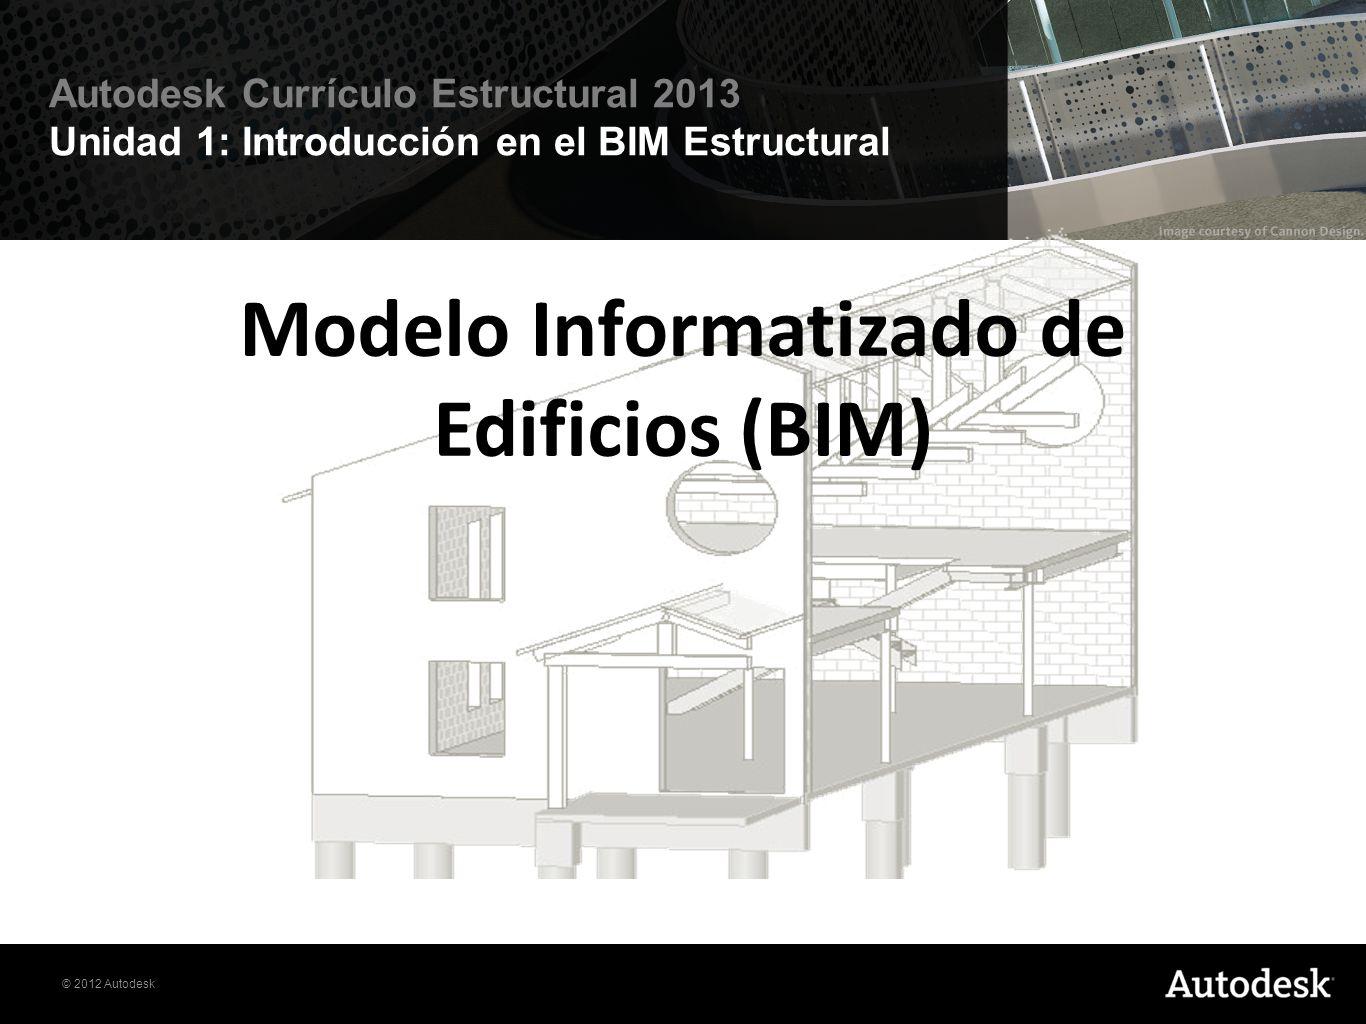 © 2012 Autodesk Autodesk Currículo Estructural 2013 Unidad 1: Introducción en el BIM Estructural Modelo Informatizado de Edificios (BIM) El Modelo Informatizado de Edificios o BIM, es un proceso que cambia fundamentalmente el papel de la información en el diseño estructural mediante la creación de una base de datos en los objetos de construcción que se utilizarán para todos los aspectos de la estructura desde el diseño a la construcción y mas haya de esta.